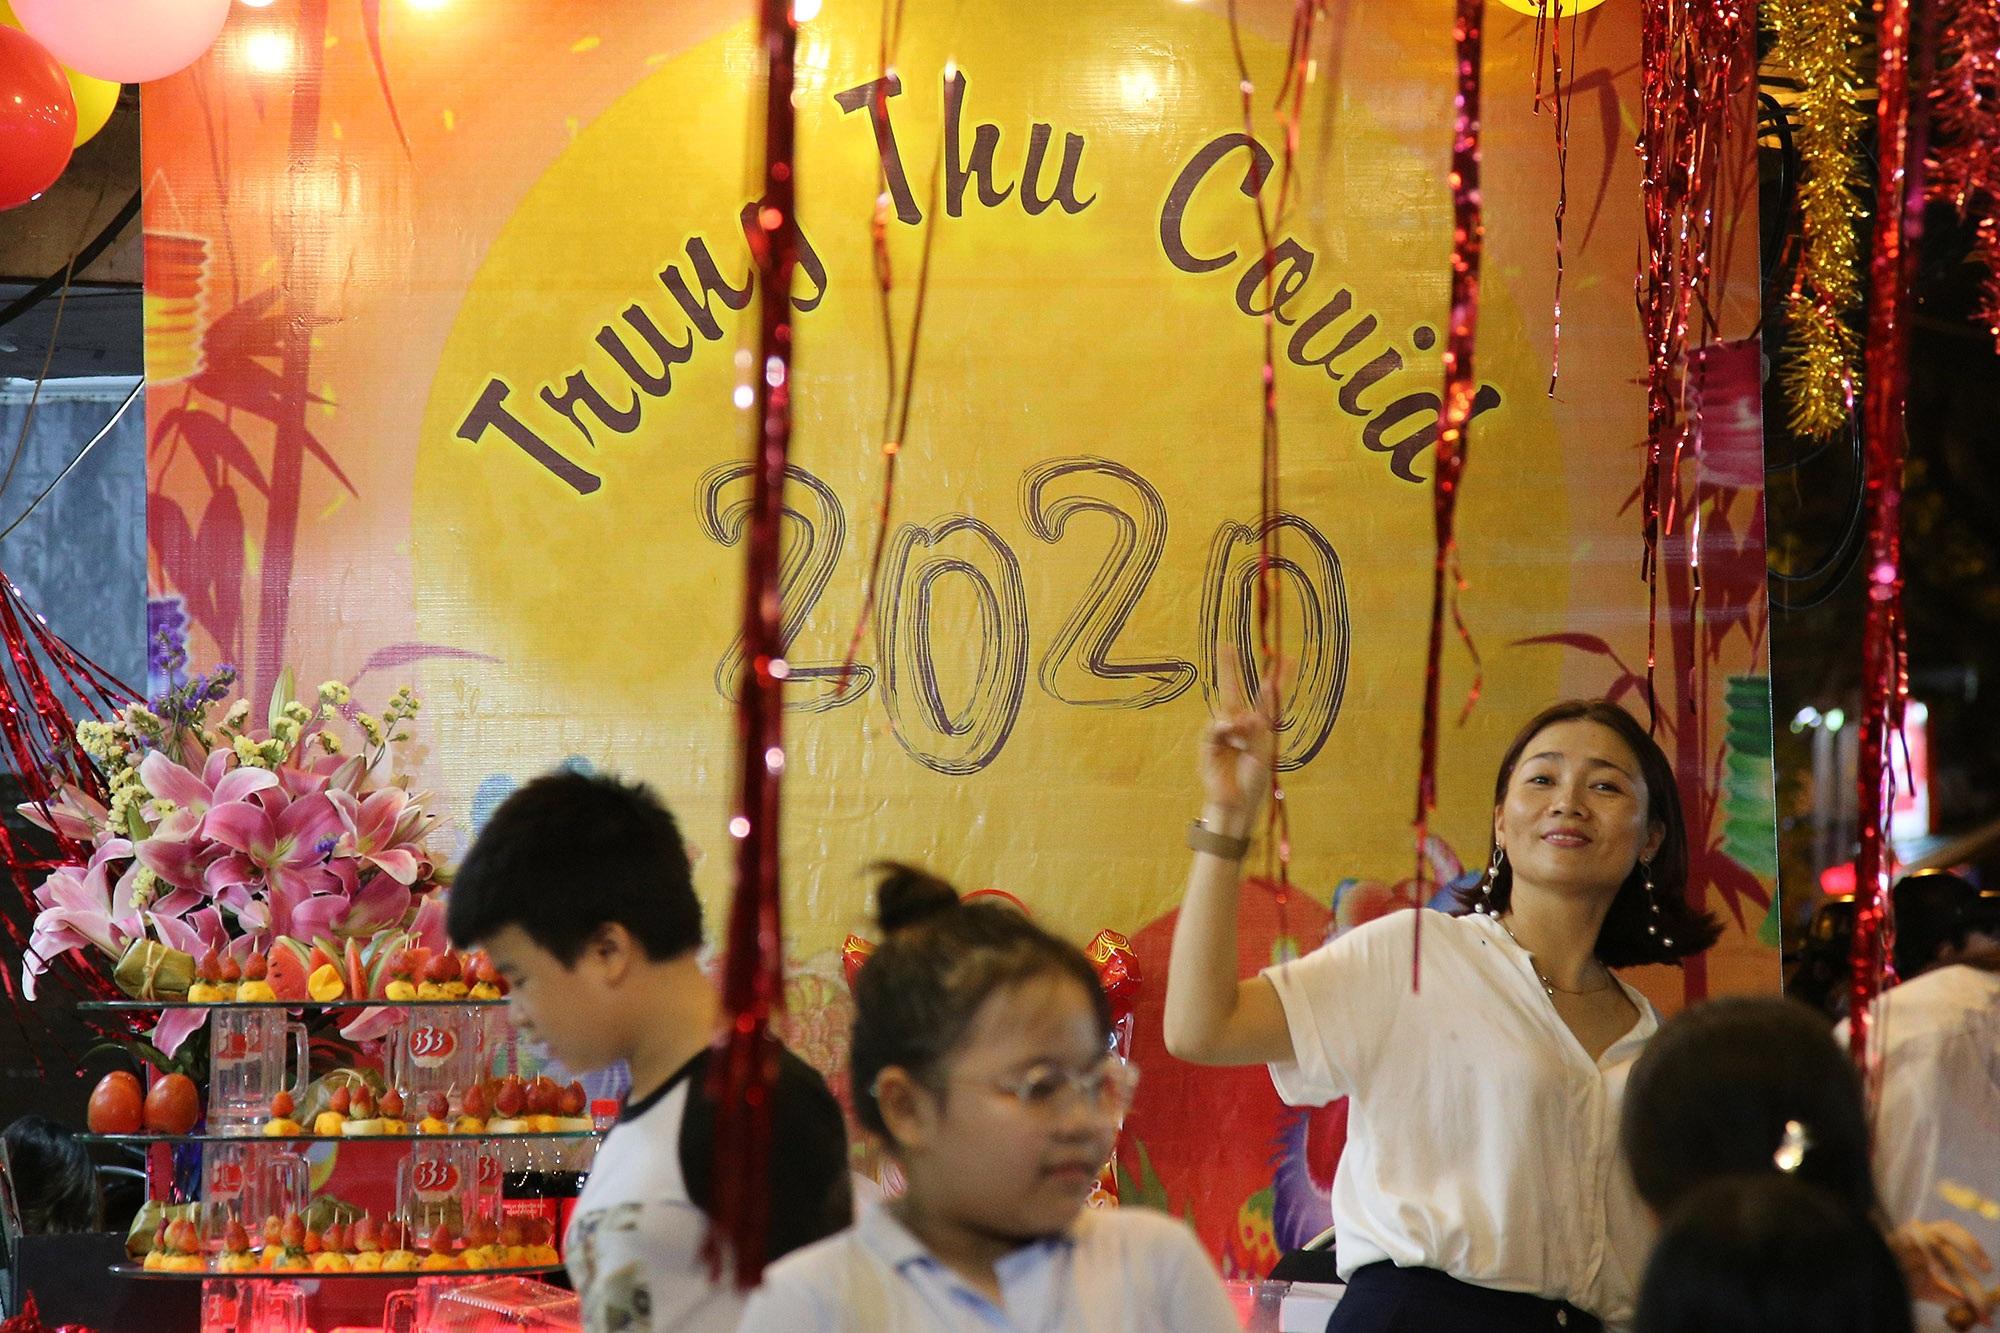 Sôi động đêm trung thu trên đường phố Hà Nội - 2